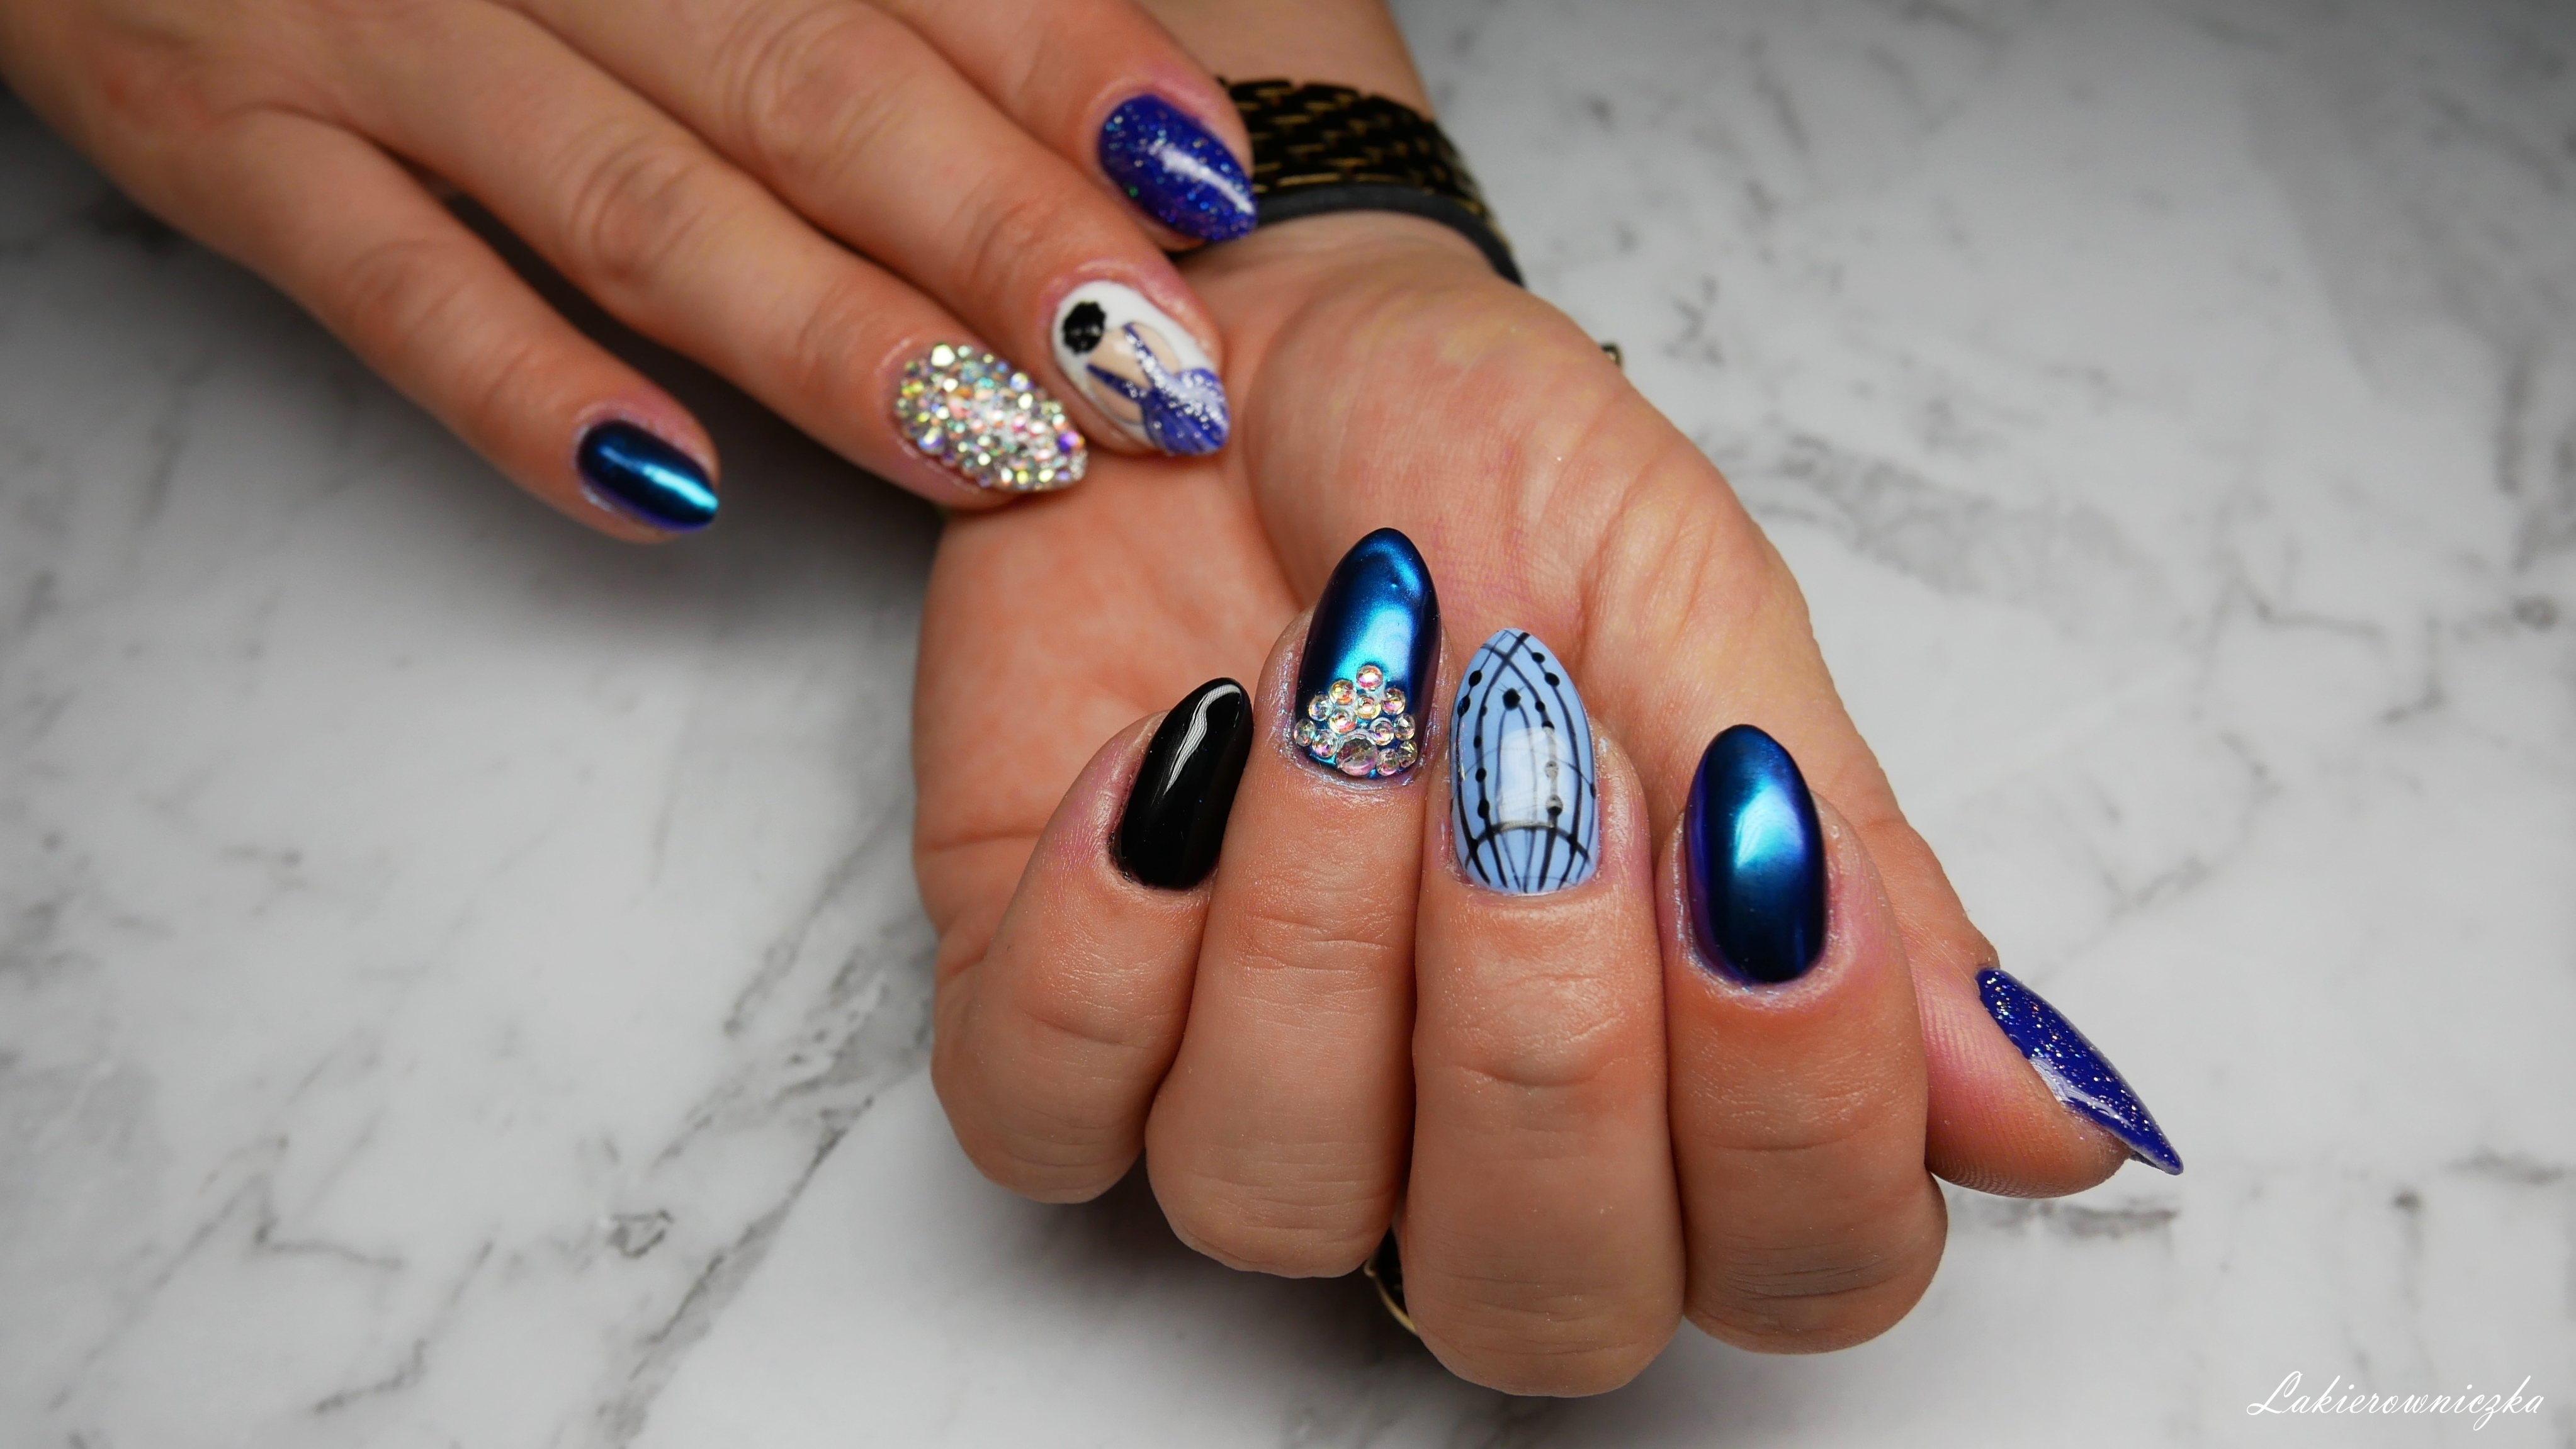 niebieska-kobieta-stojaca-tylem-na-paznokciach-hybrydowych-wishlist-fashionmia-lakierowniczka-kocie-oko-cateye-hybrid-Provocater-103